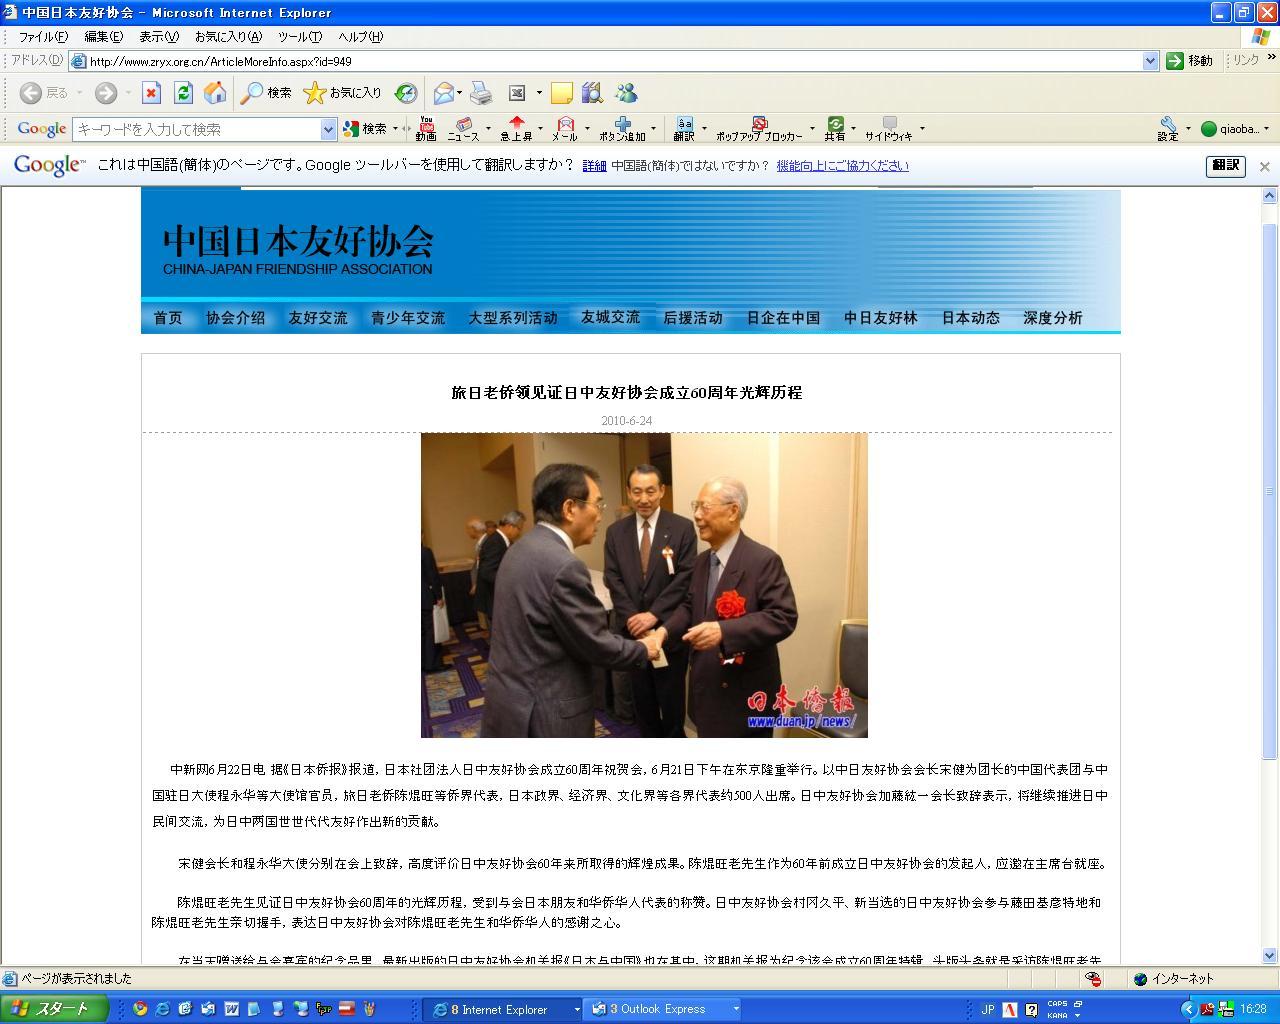 陳焜旺先生見証日中友好協会の記事 中日友好協会のページに掲載_d0027795_1631070.jpg